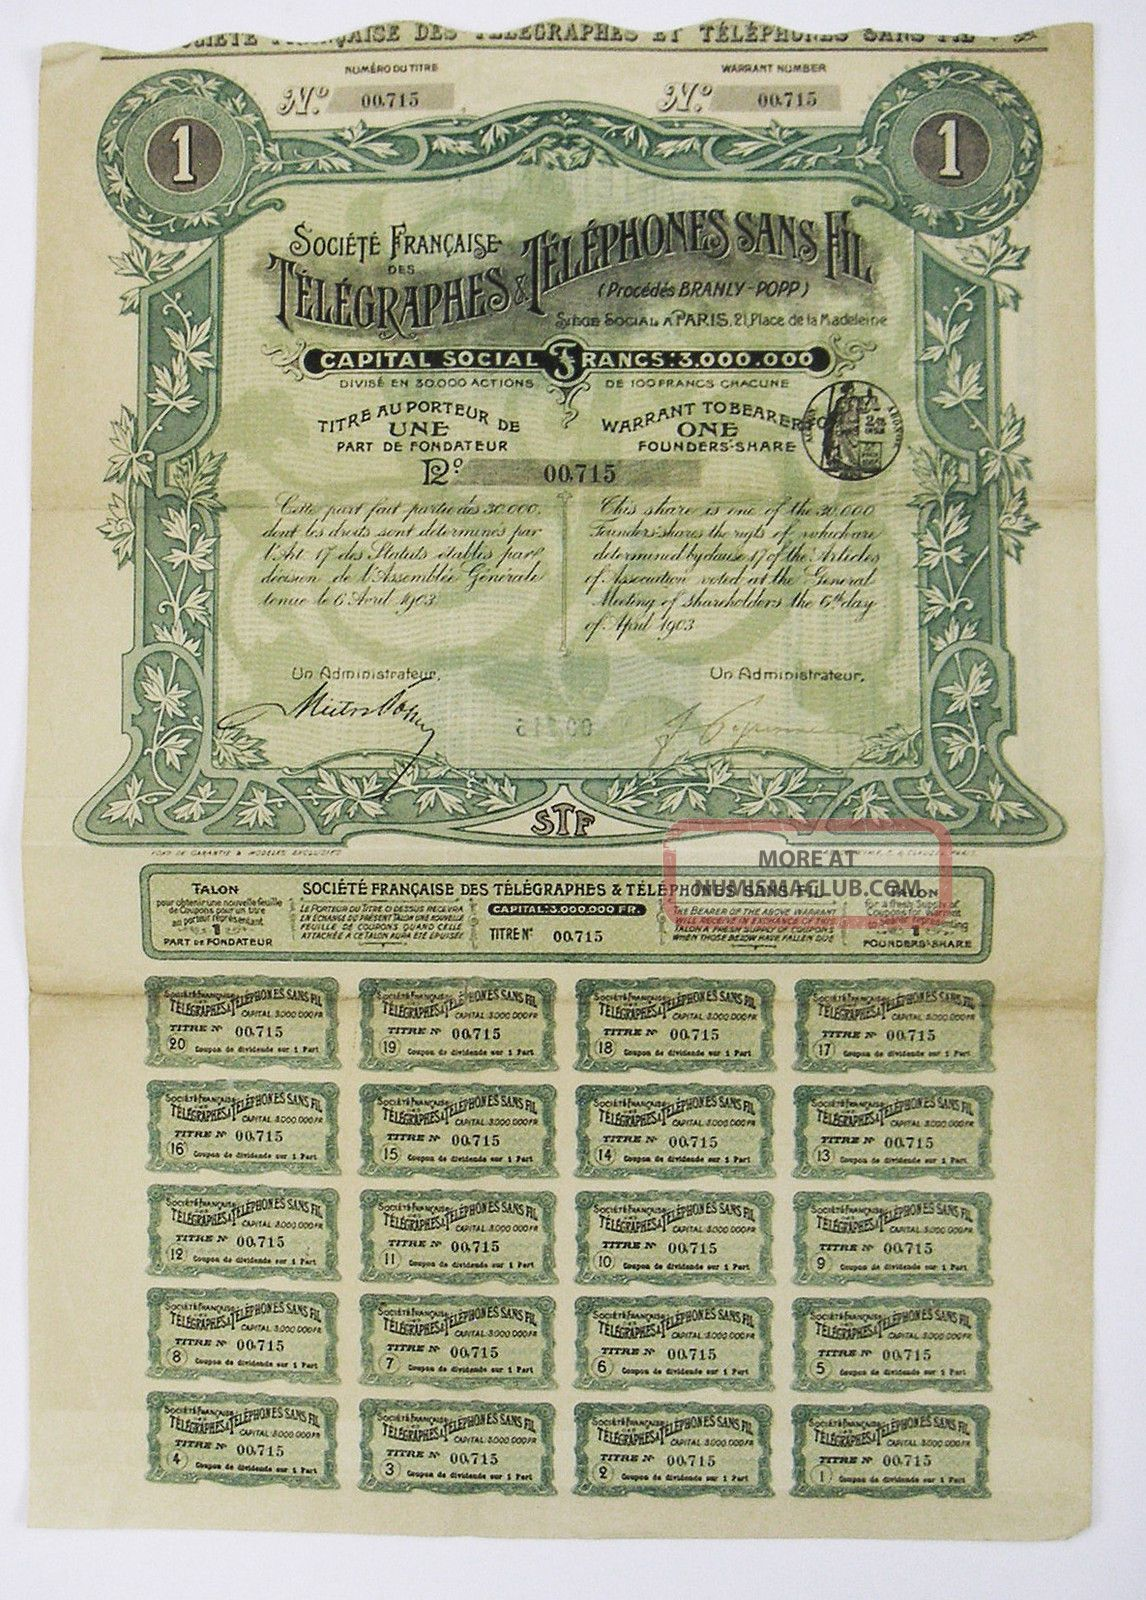 France - Télégraphe Et Téléphones Sans Fil Part Fondateur 1903 Stocks & Bonds, Scripophily photo